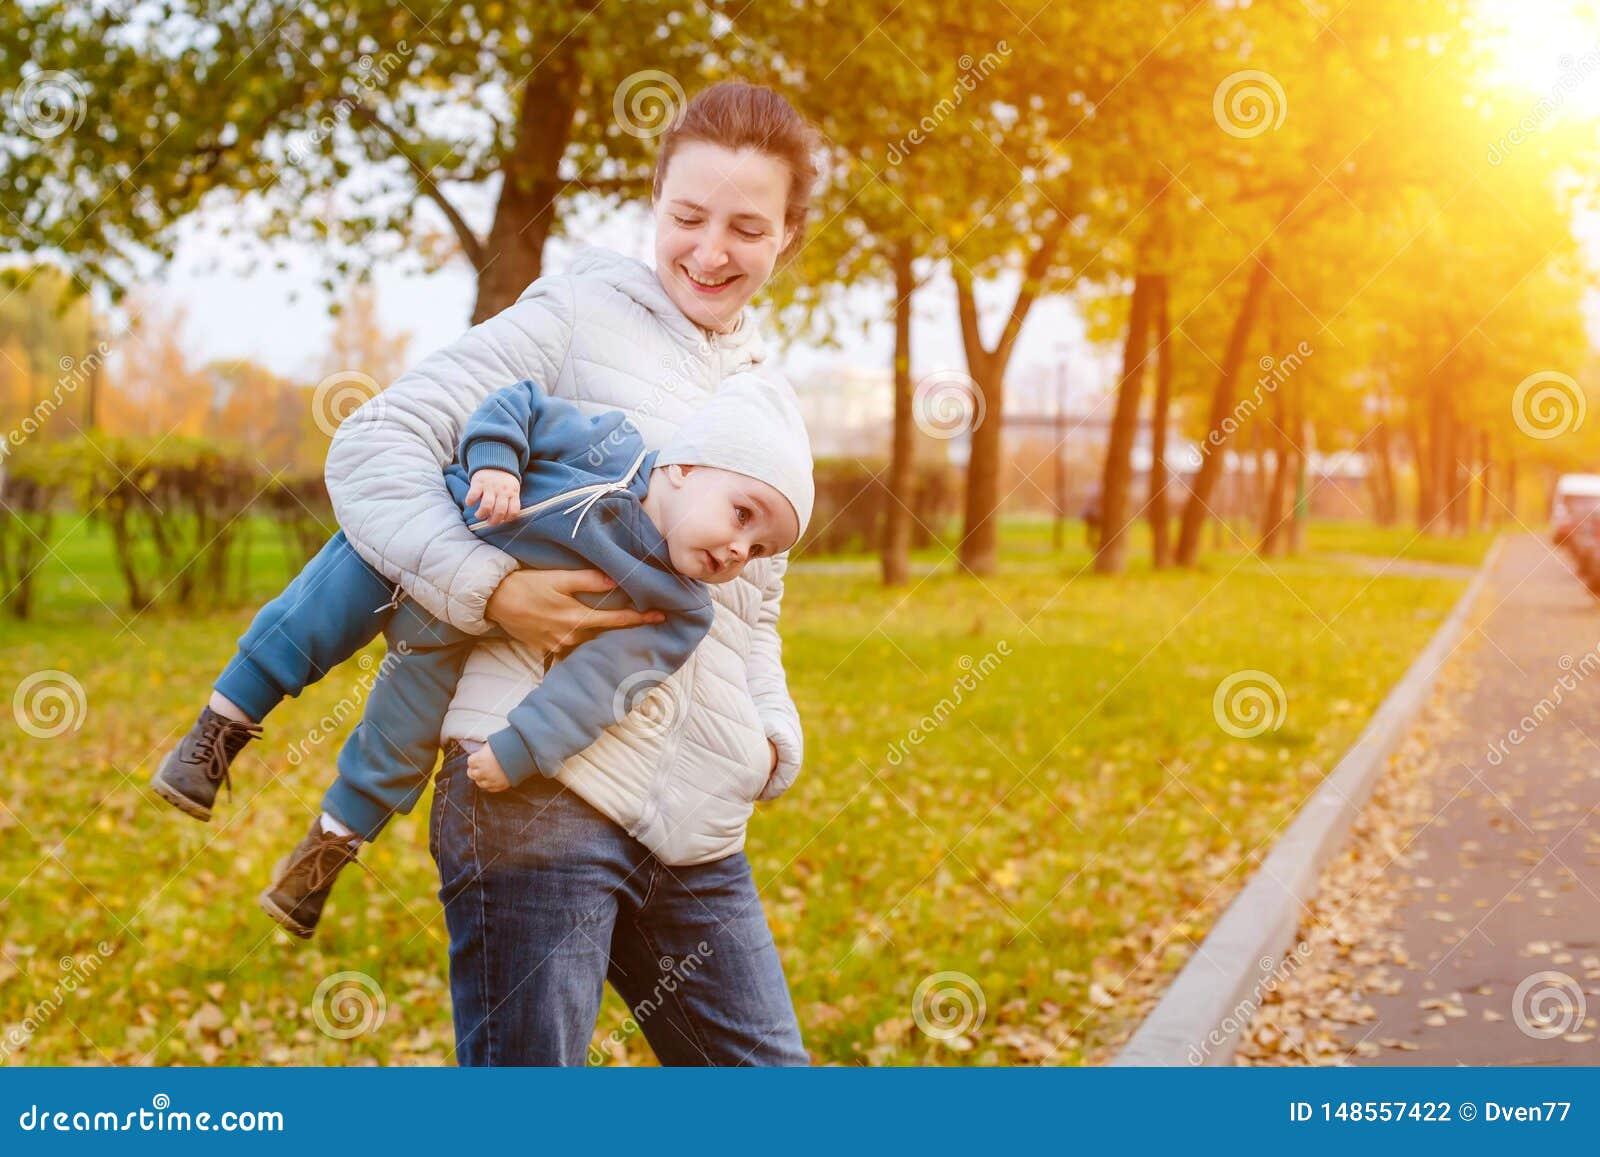 Een jonge moeder vervoert een één éénjarigejongen in haar wapens Gang met het kind in het park bij zonnige dag